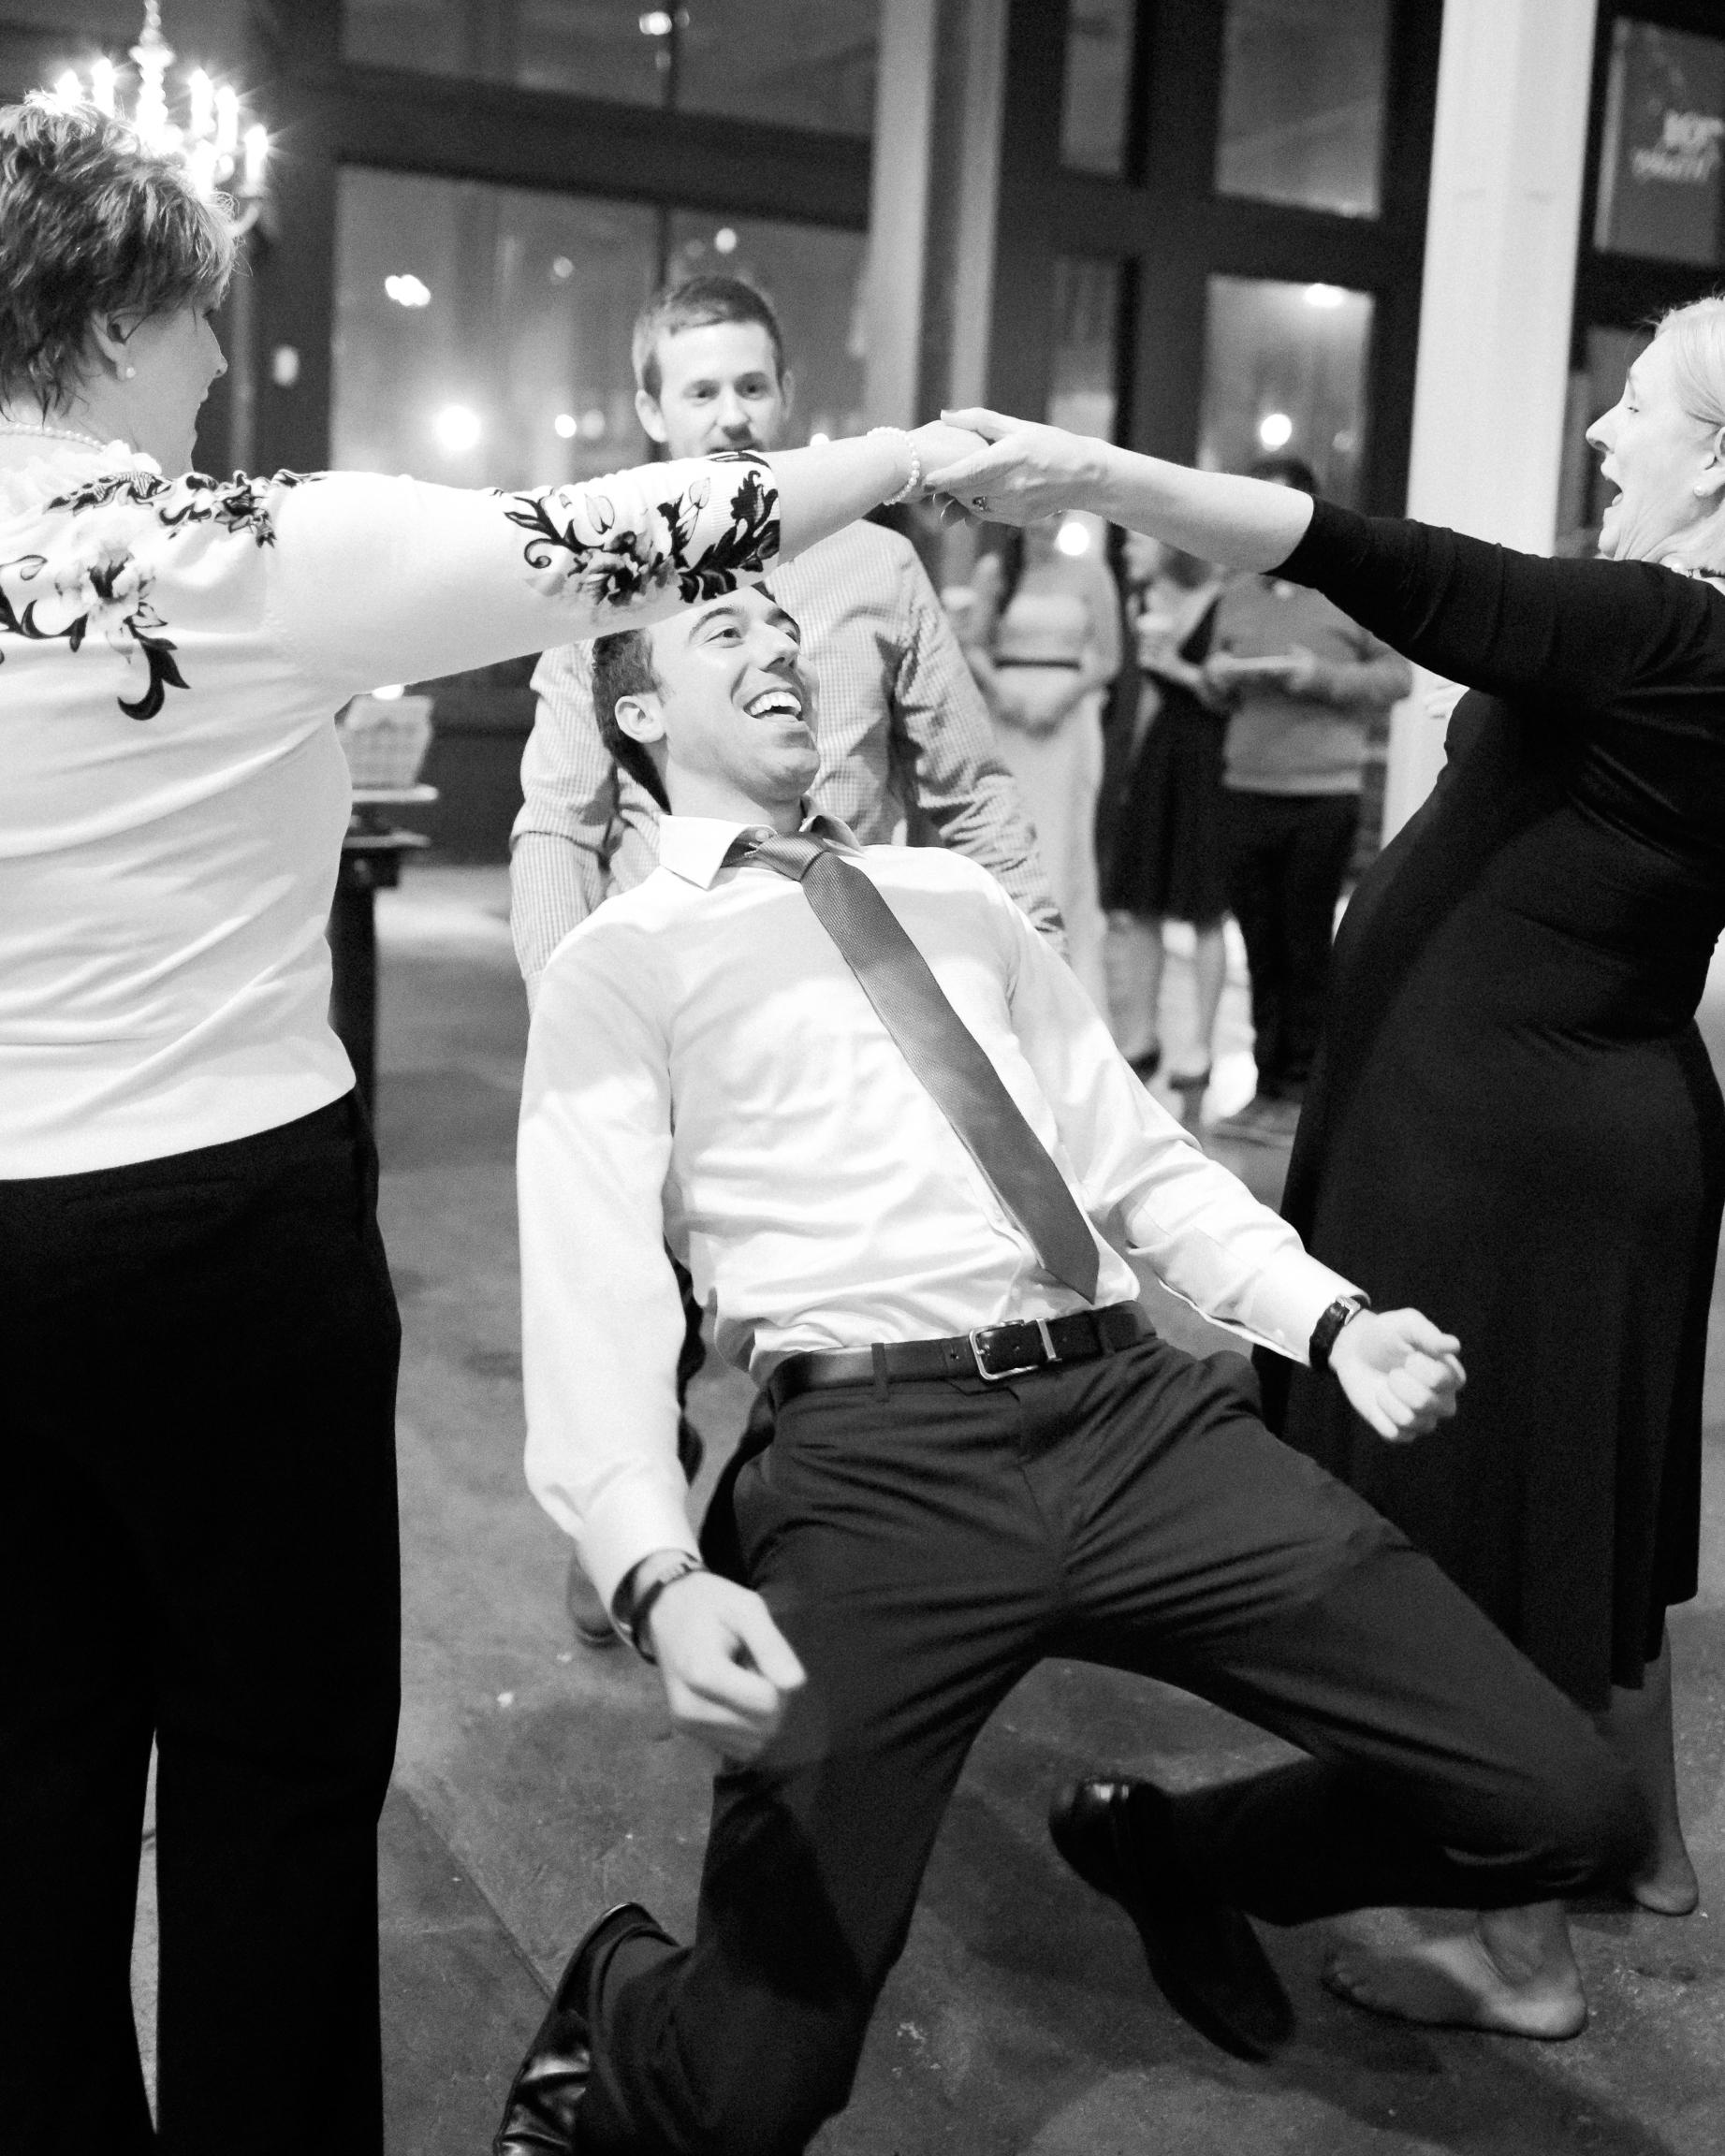 coleen-brandon-wedding-dancing-0614.jpg